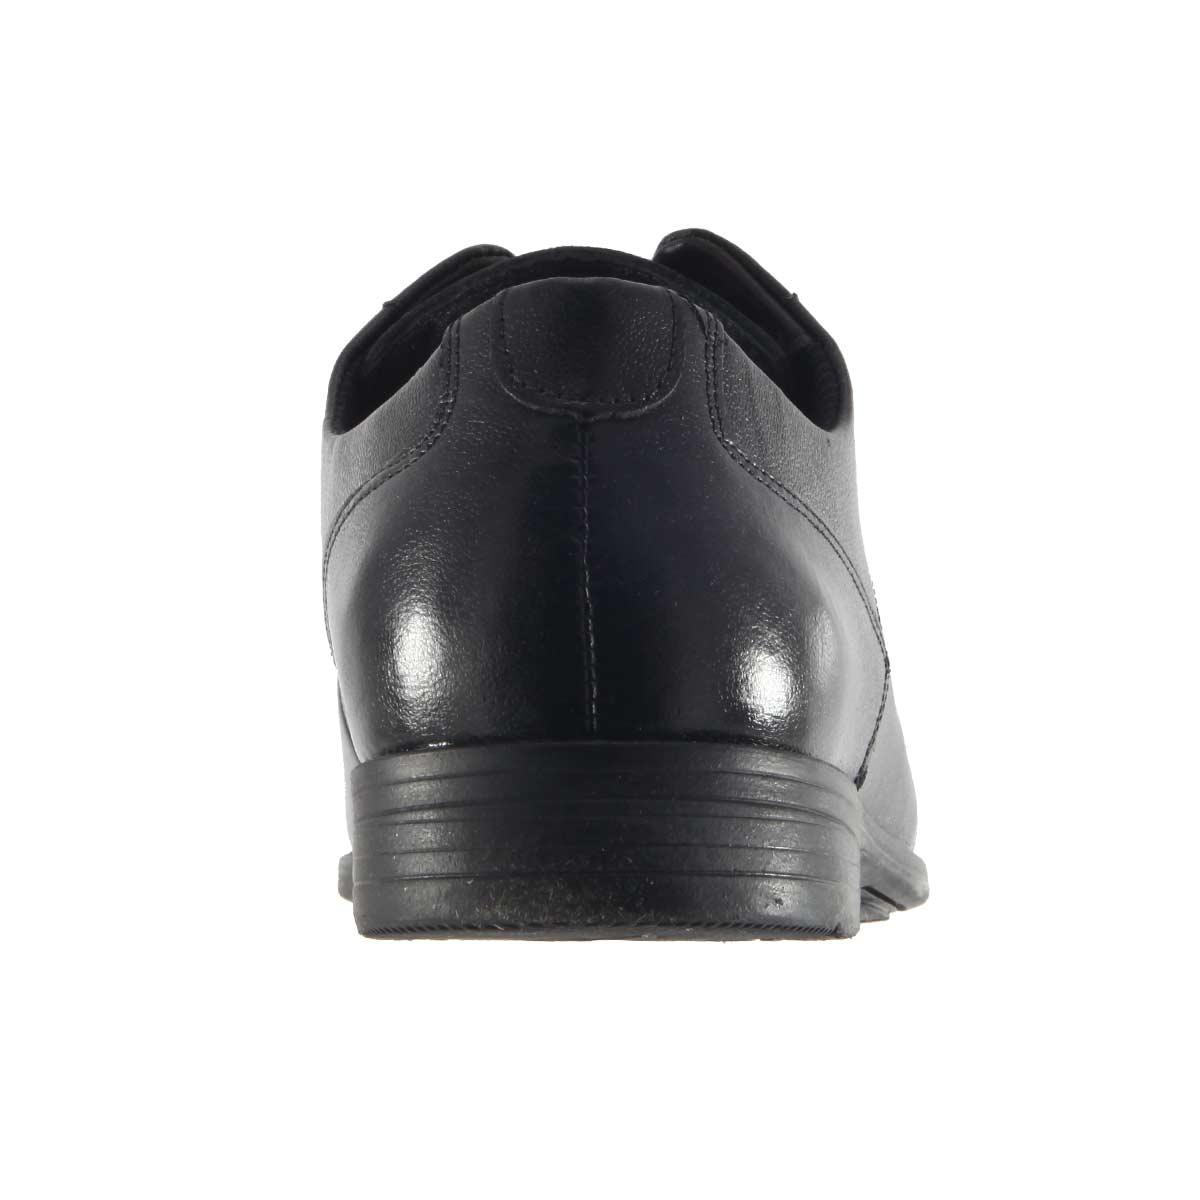 Sapato Ferracini Social Masculino Couro M3 3586-288G  - Ian Calçados